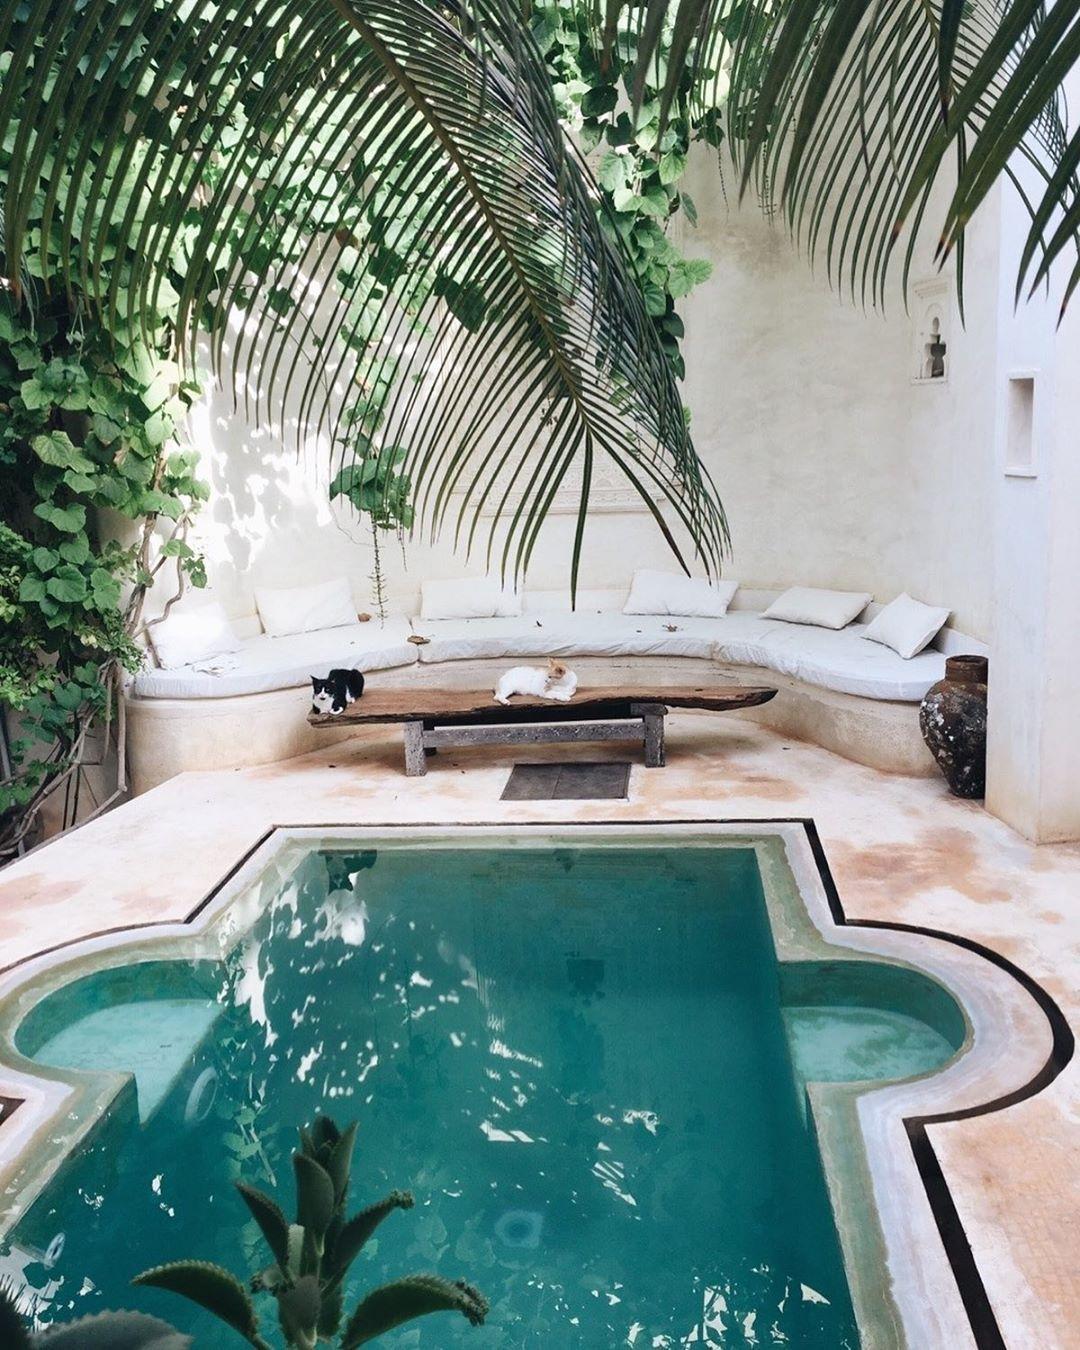 Pin By Tiia Kurikka On Yard Dream Pool Indoor Backyard Beach